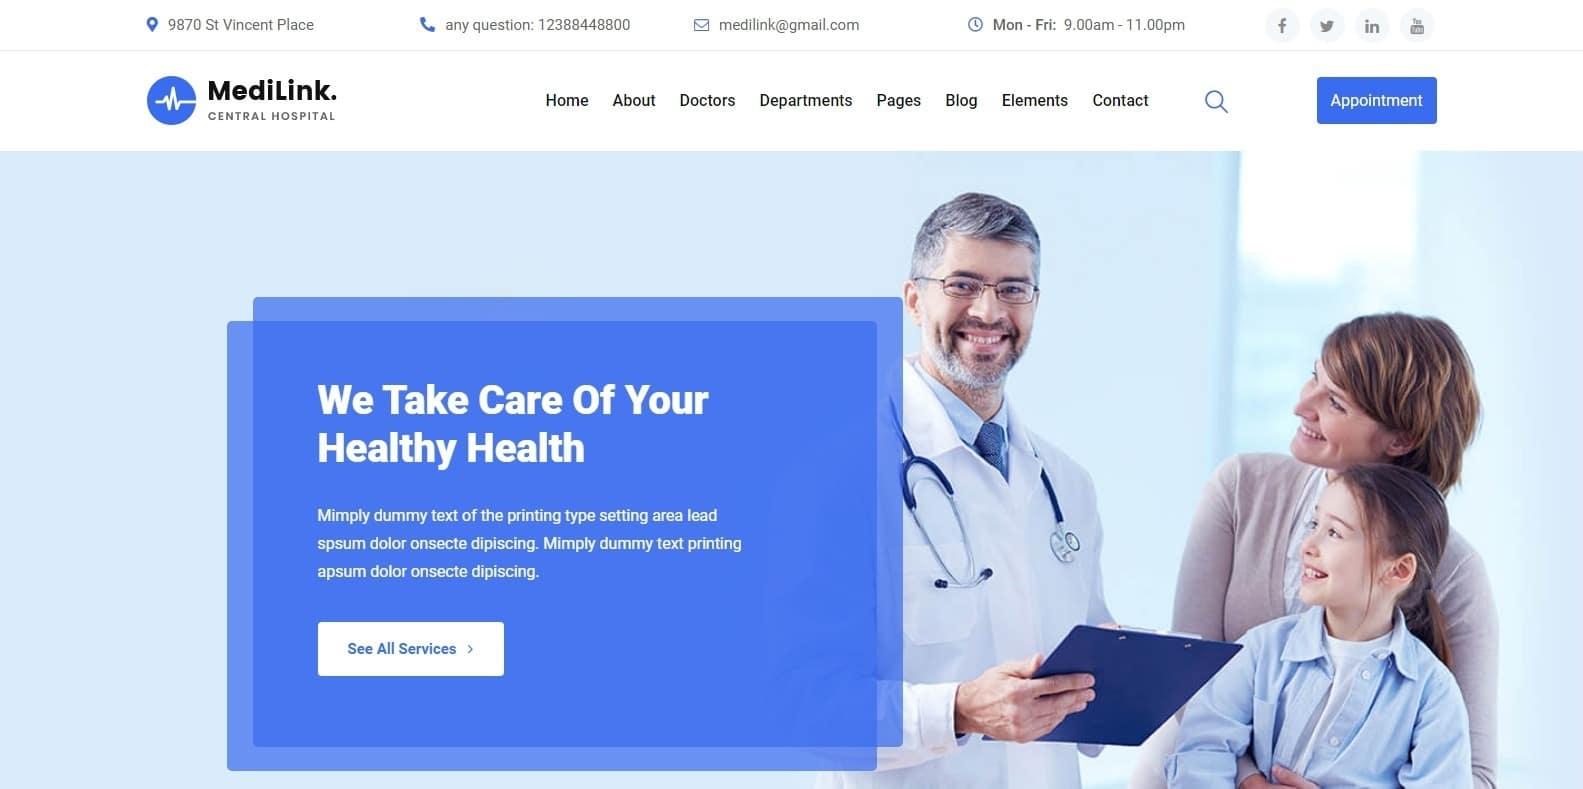 medilink-medical-website-template